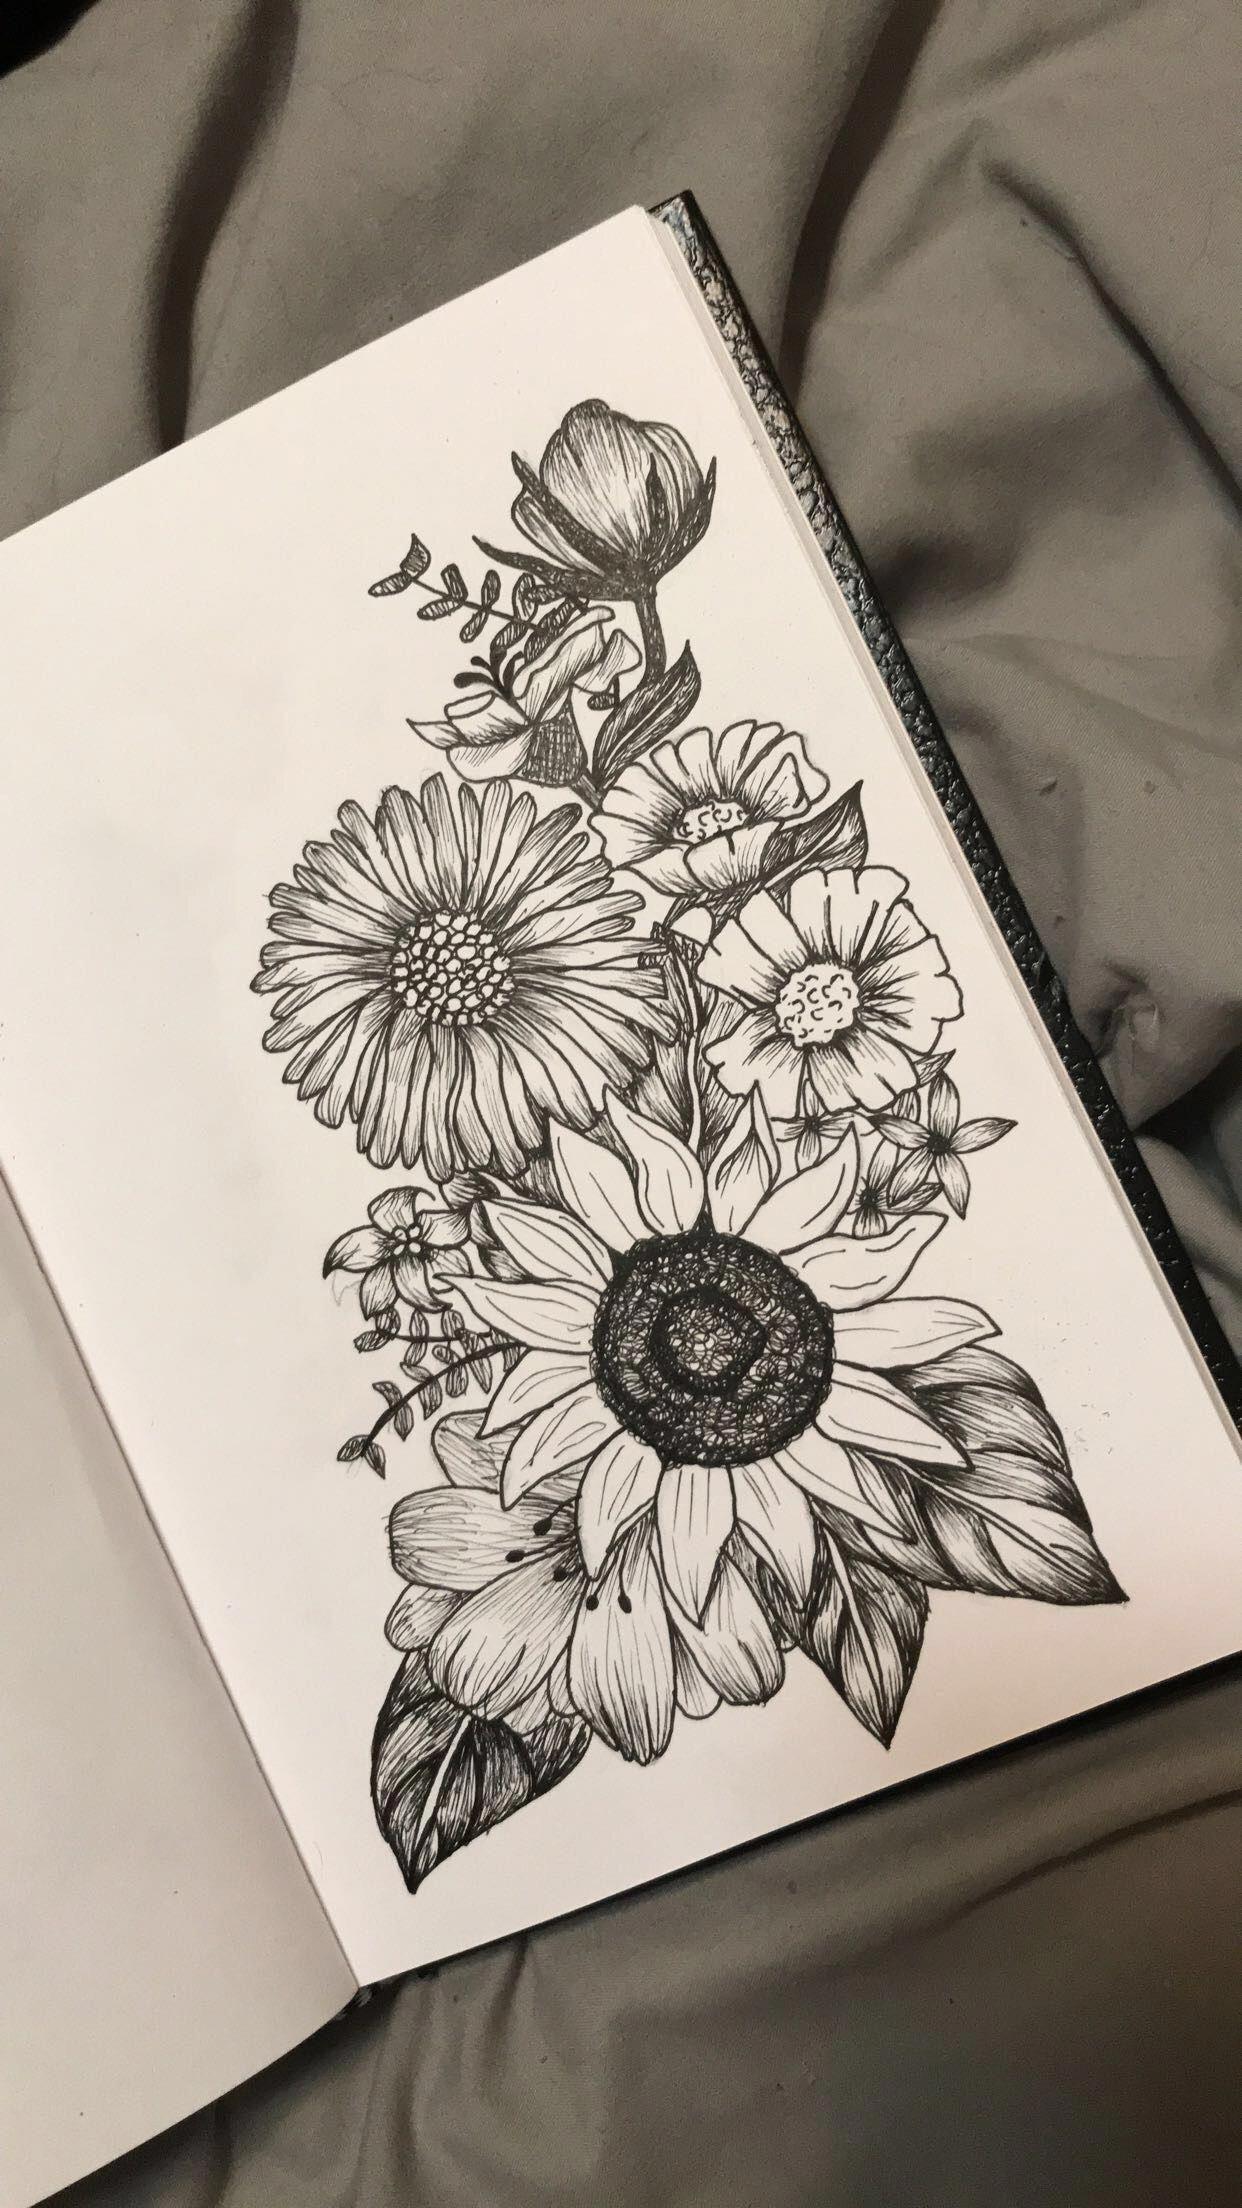 Flower Tattoo Idea Inspirational Tattoos Tattoo Drawings